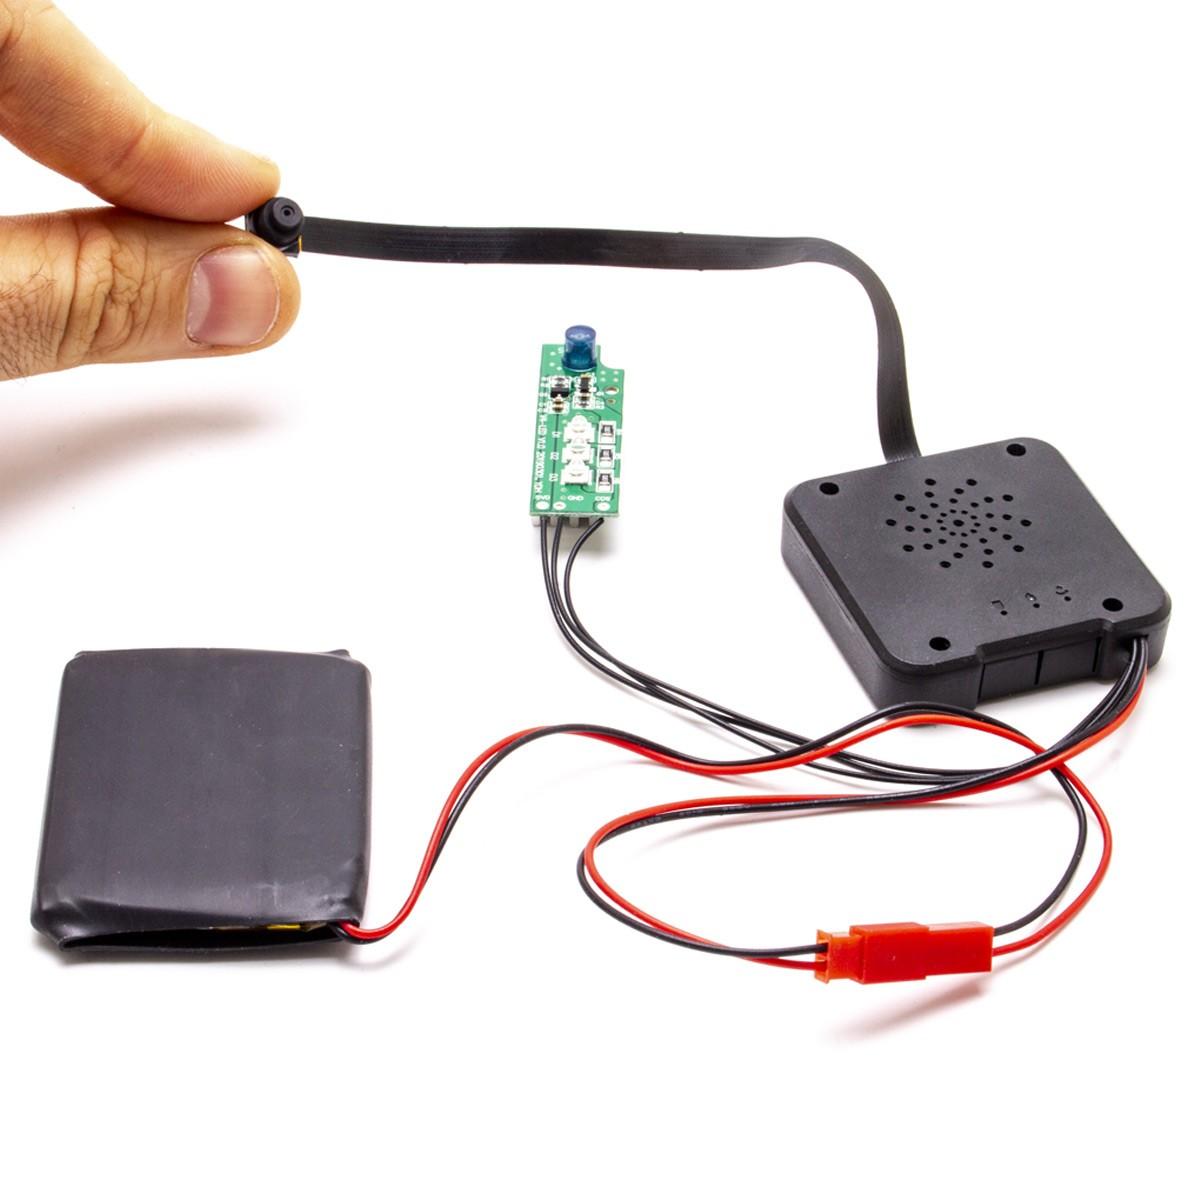 Module micro caméra IP Wi-Fi HD avec vision nocturne et enregistreur à intégrer, microSD 128 Go incluse